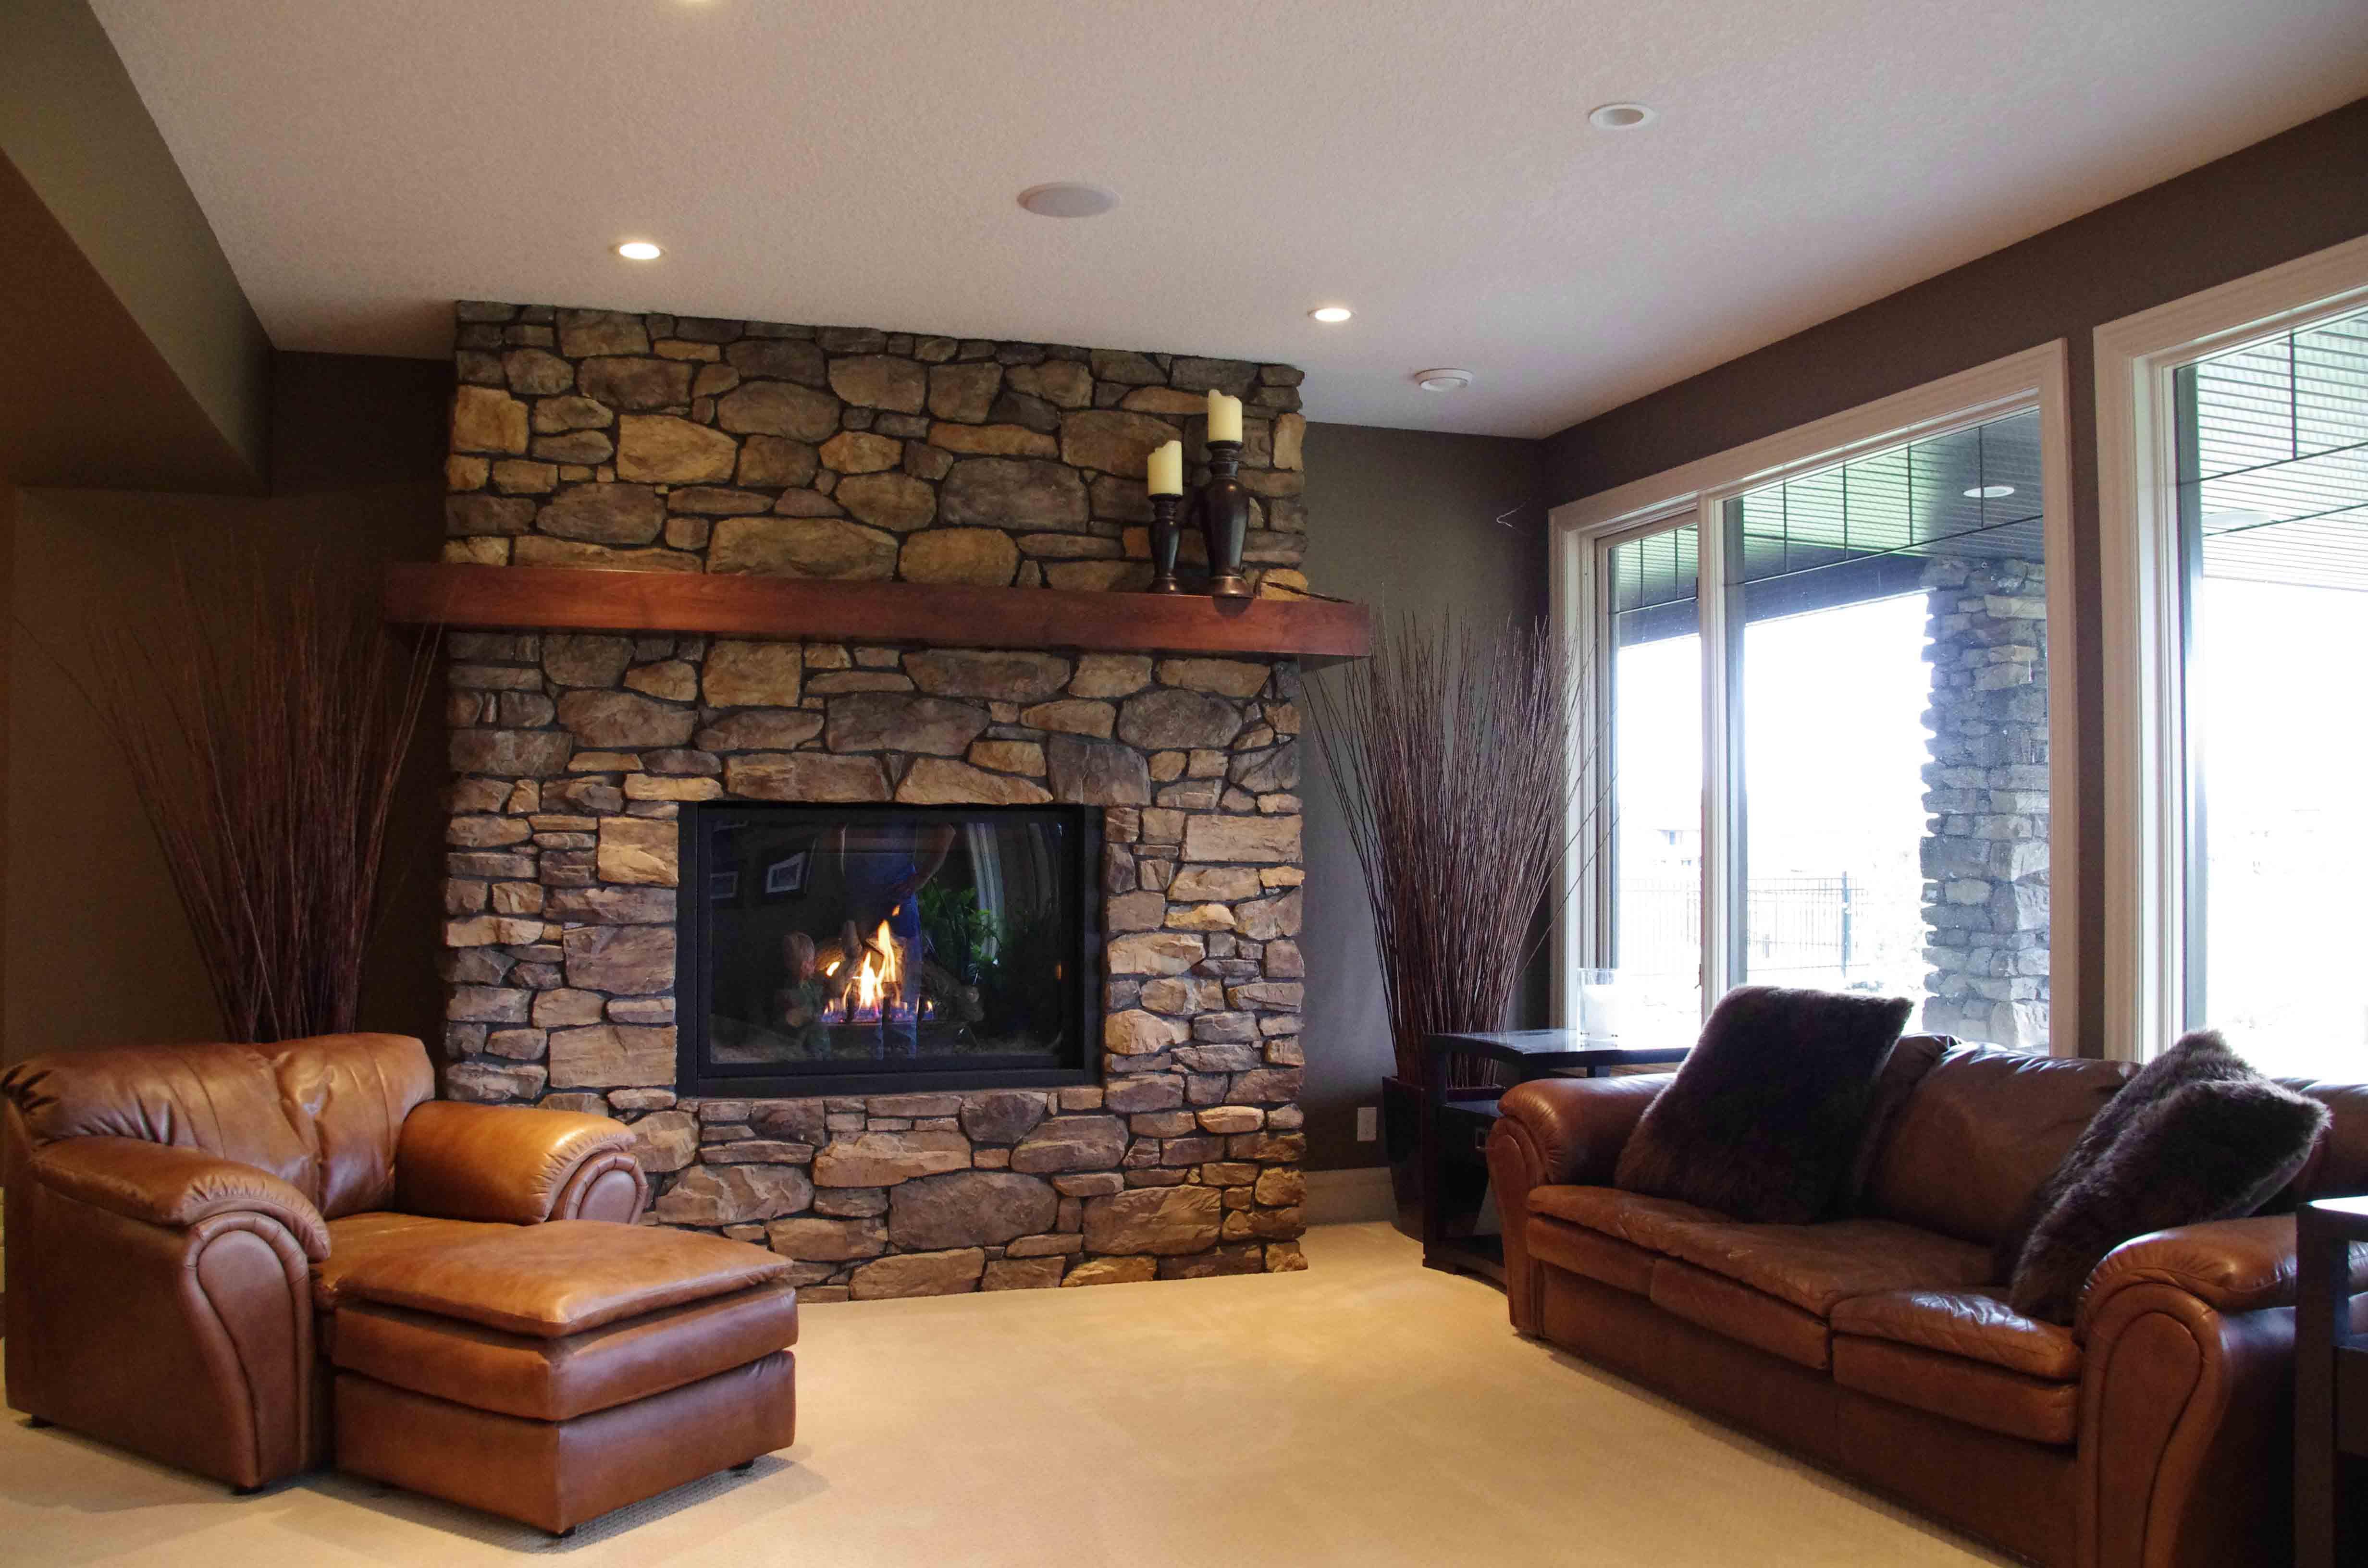 Living Room & Fireplace - Basement Development